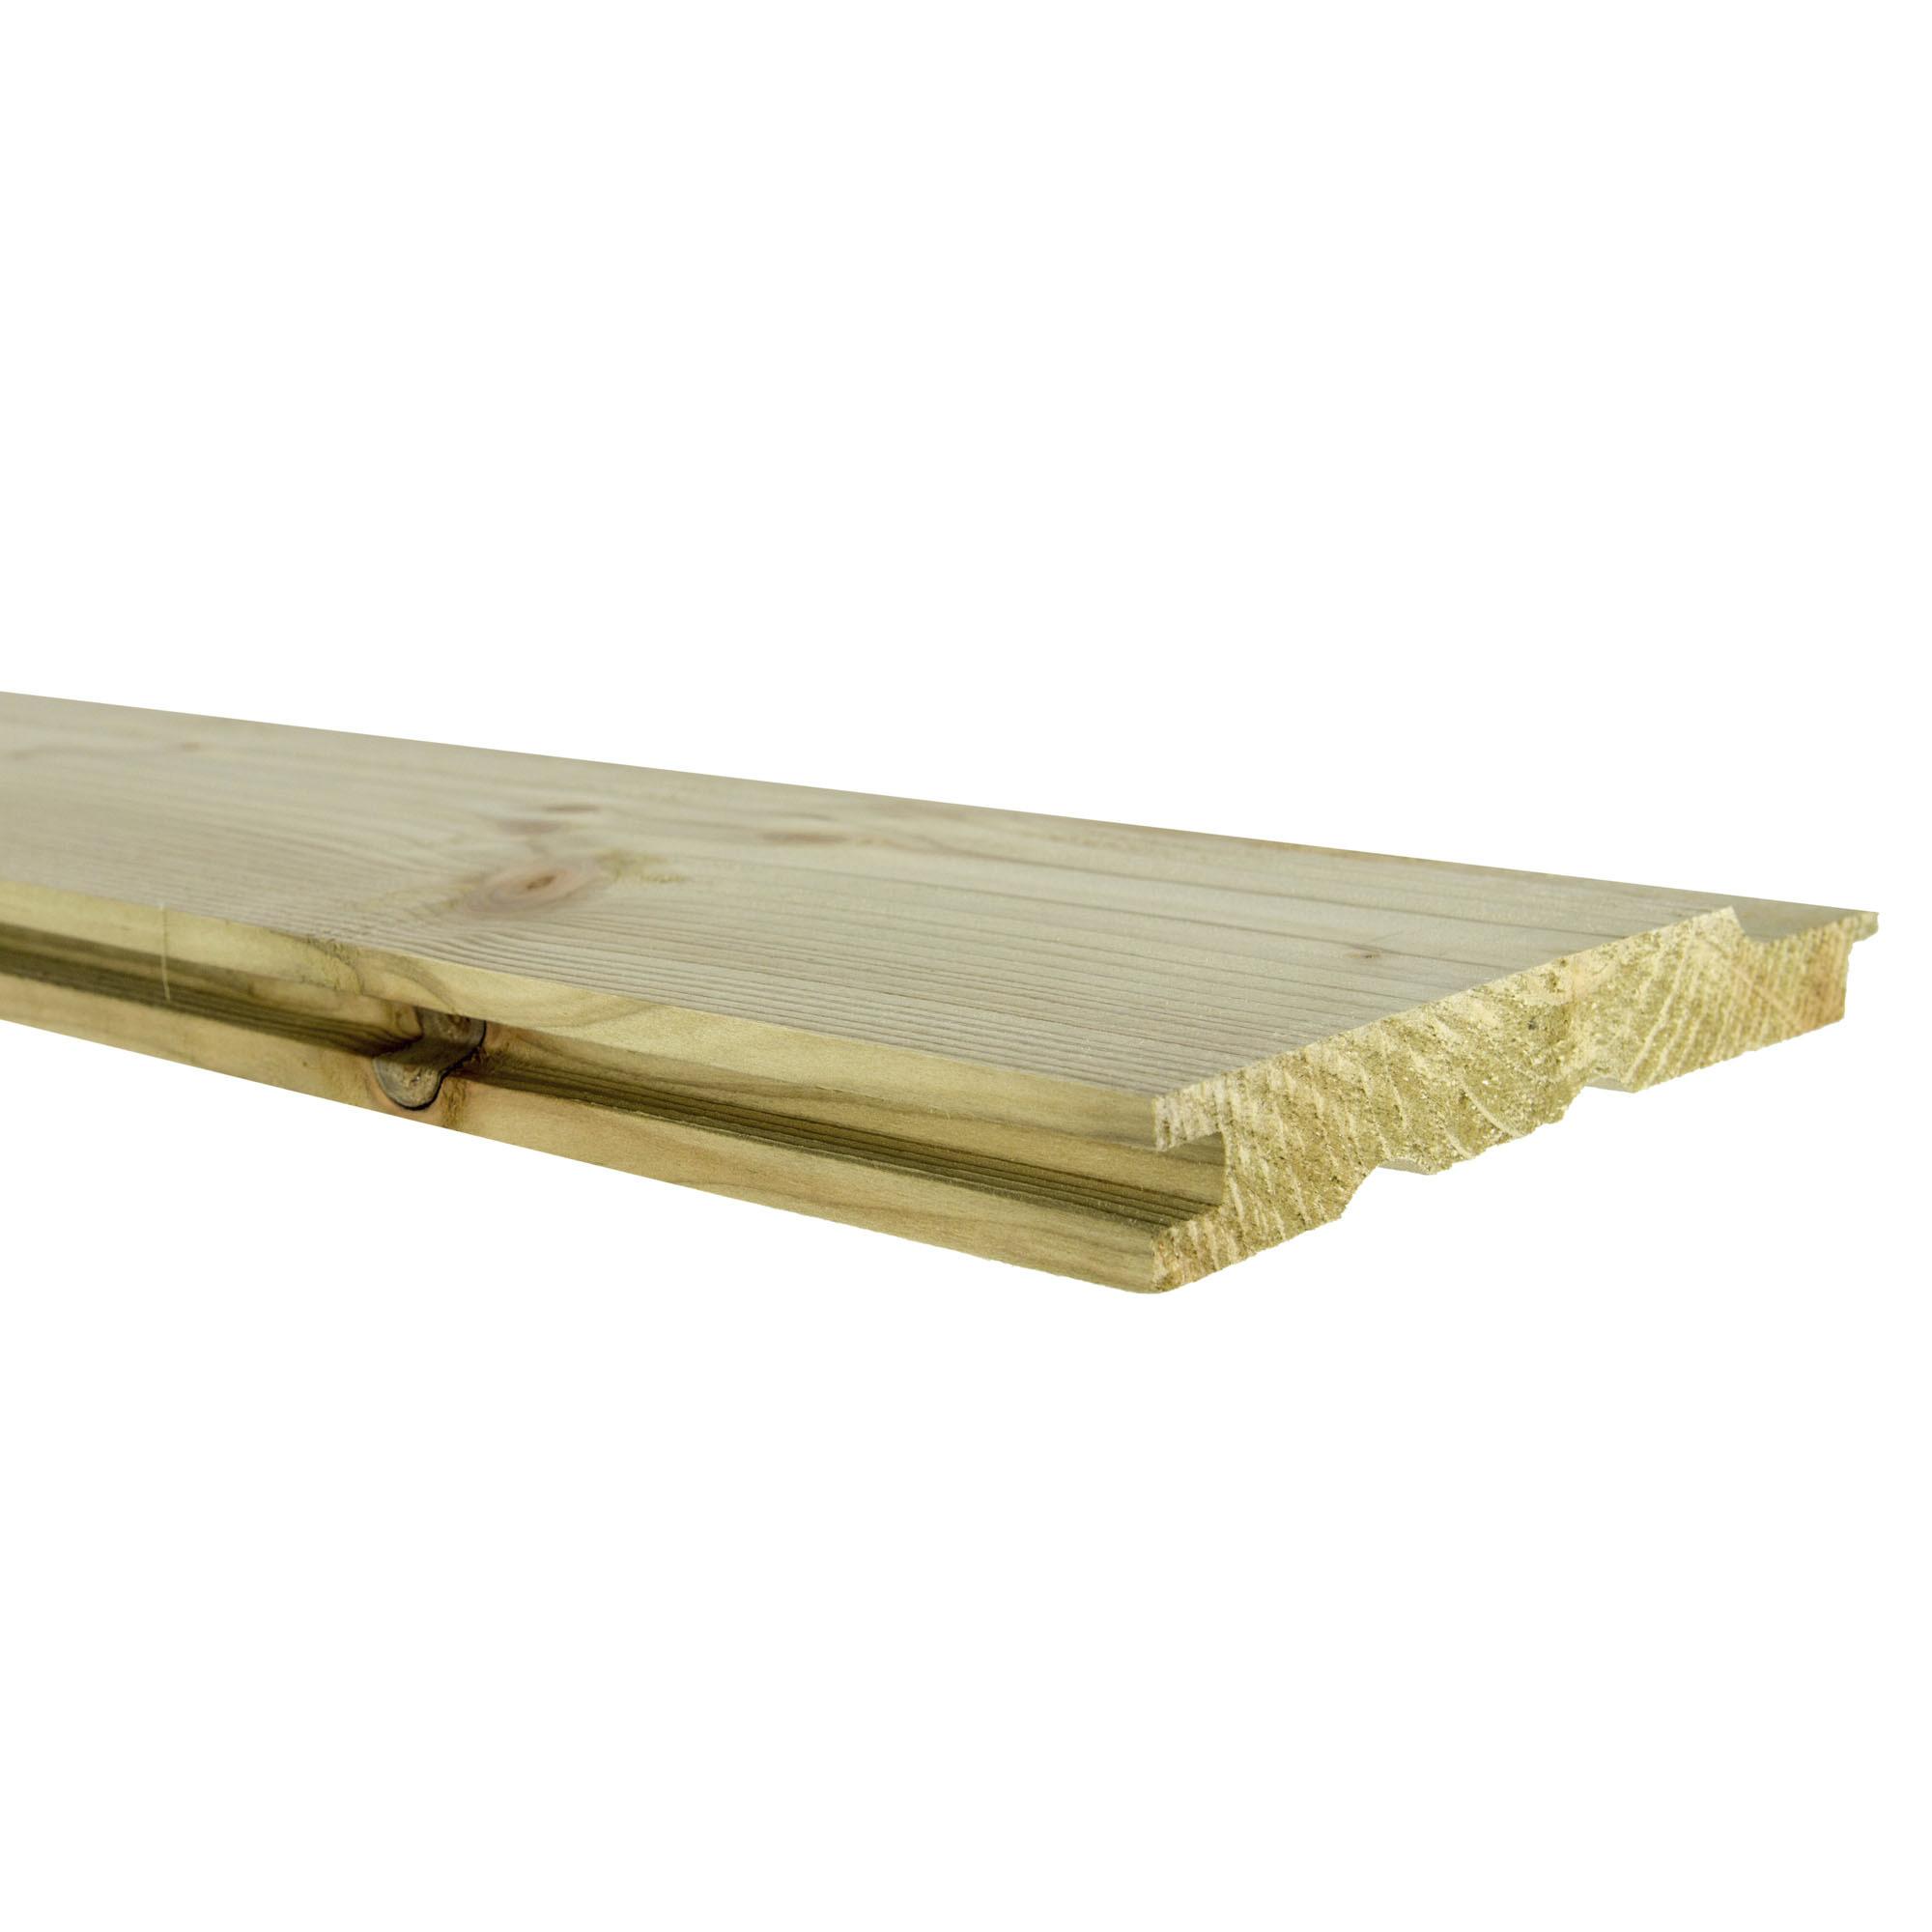 Rabatdeel 180x13,5x1,7 cm